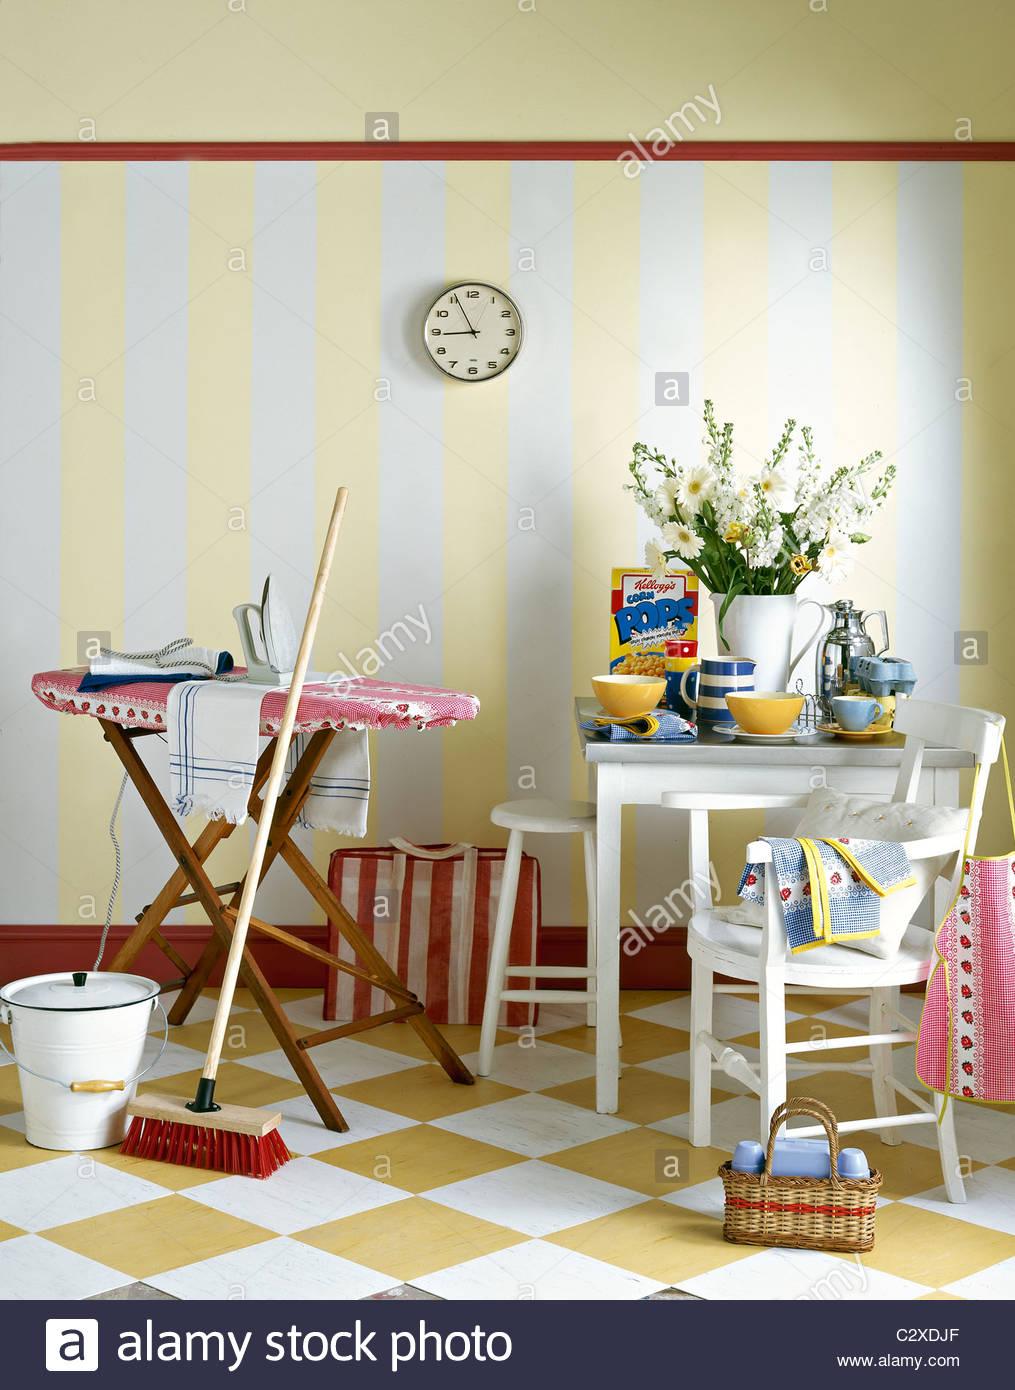 Retrò cucina domestica 40\'s stile anni \'50 Foto & Immagine Stock ...